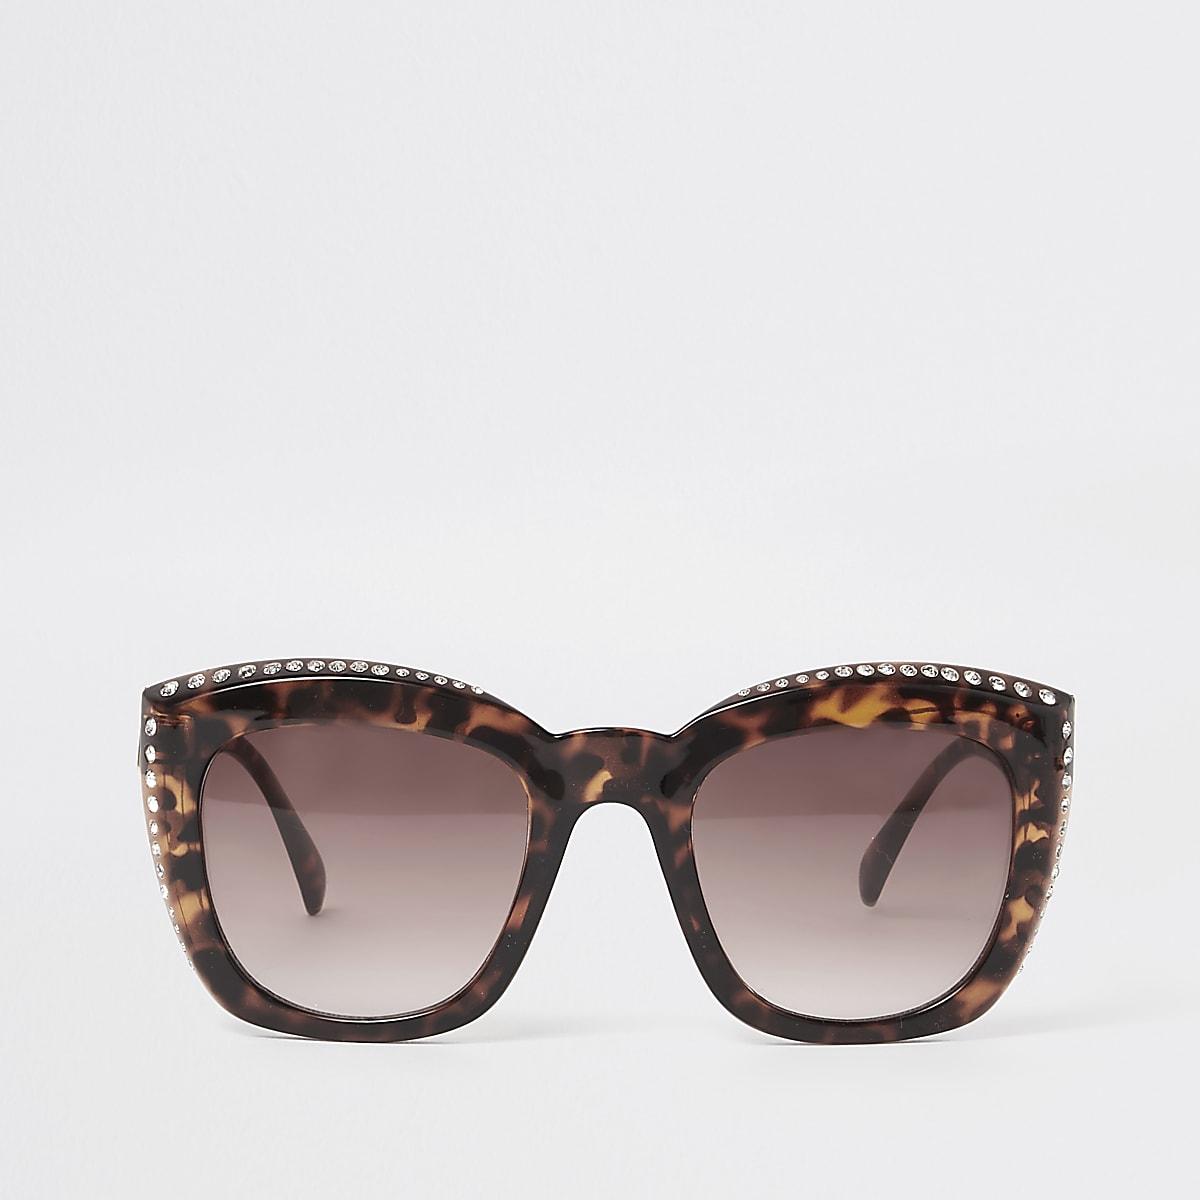 Brown tortoiseshell diamante sunglasses